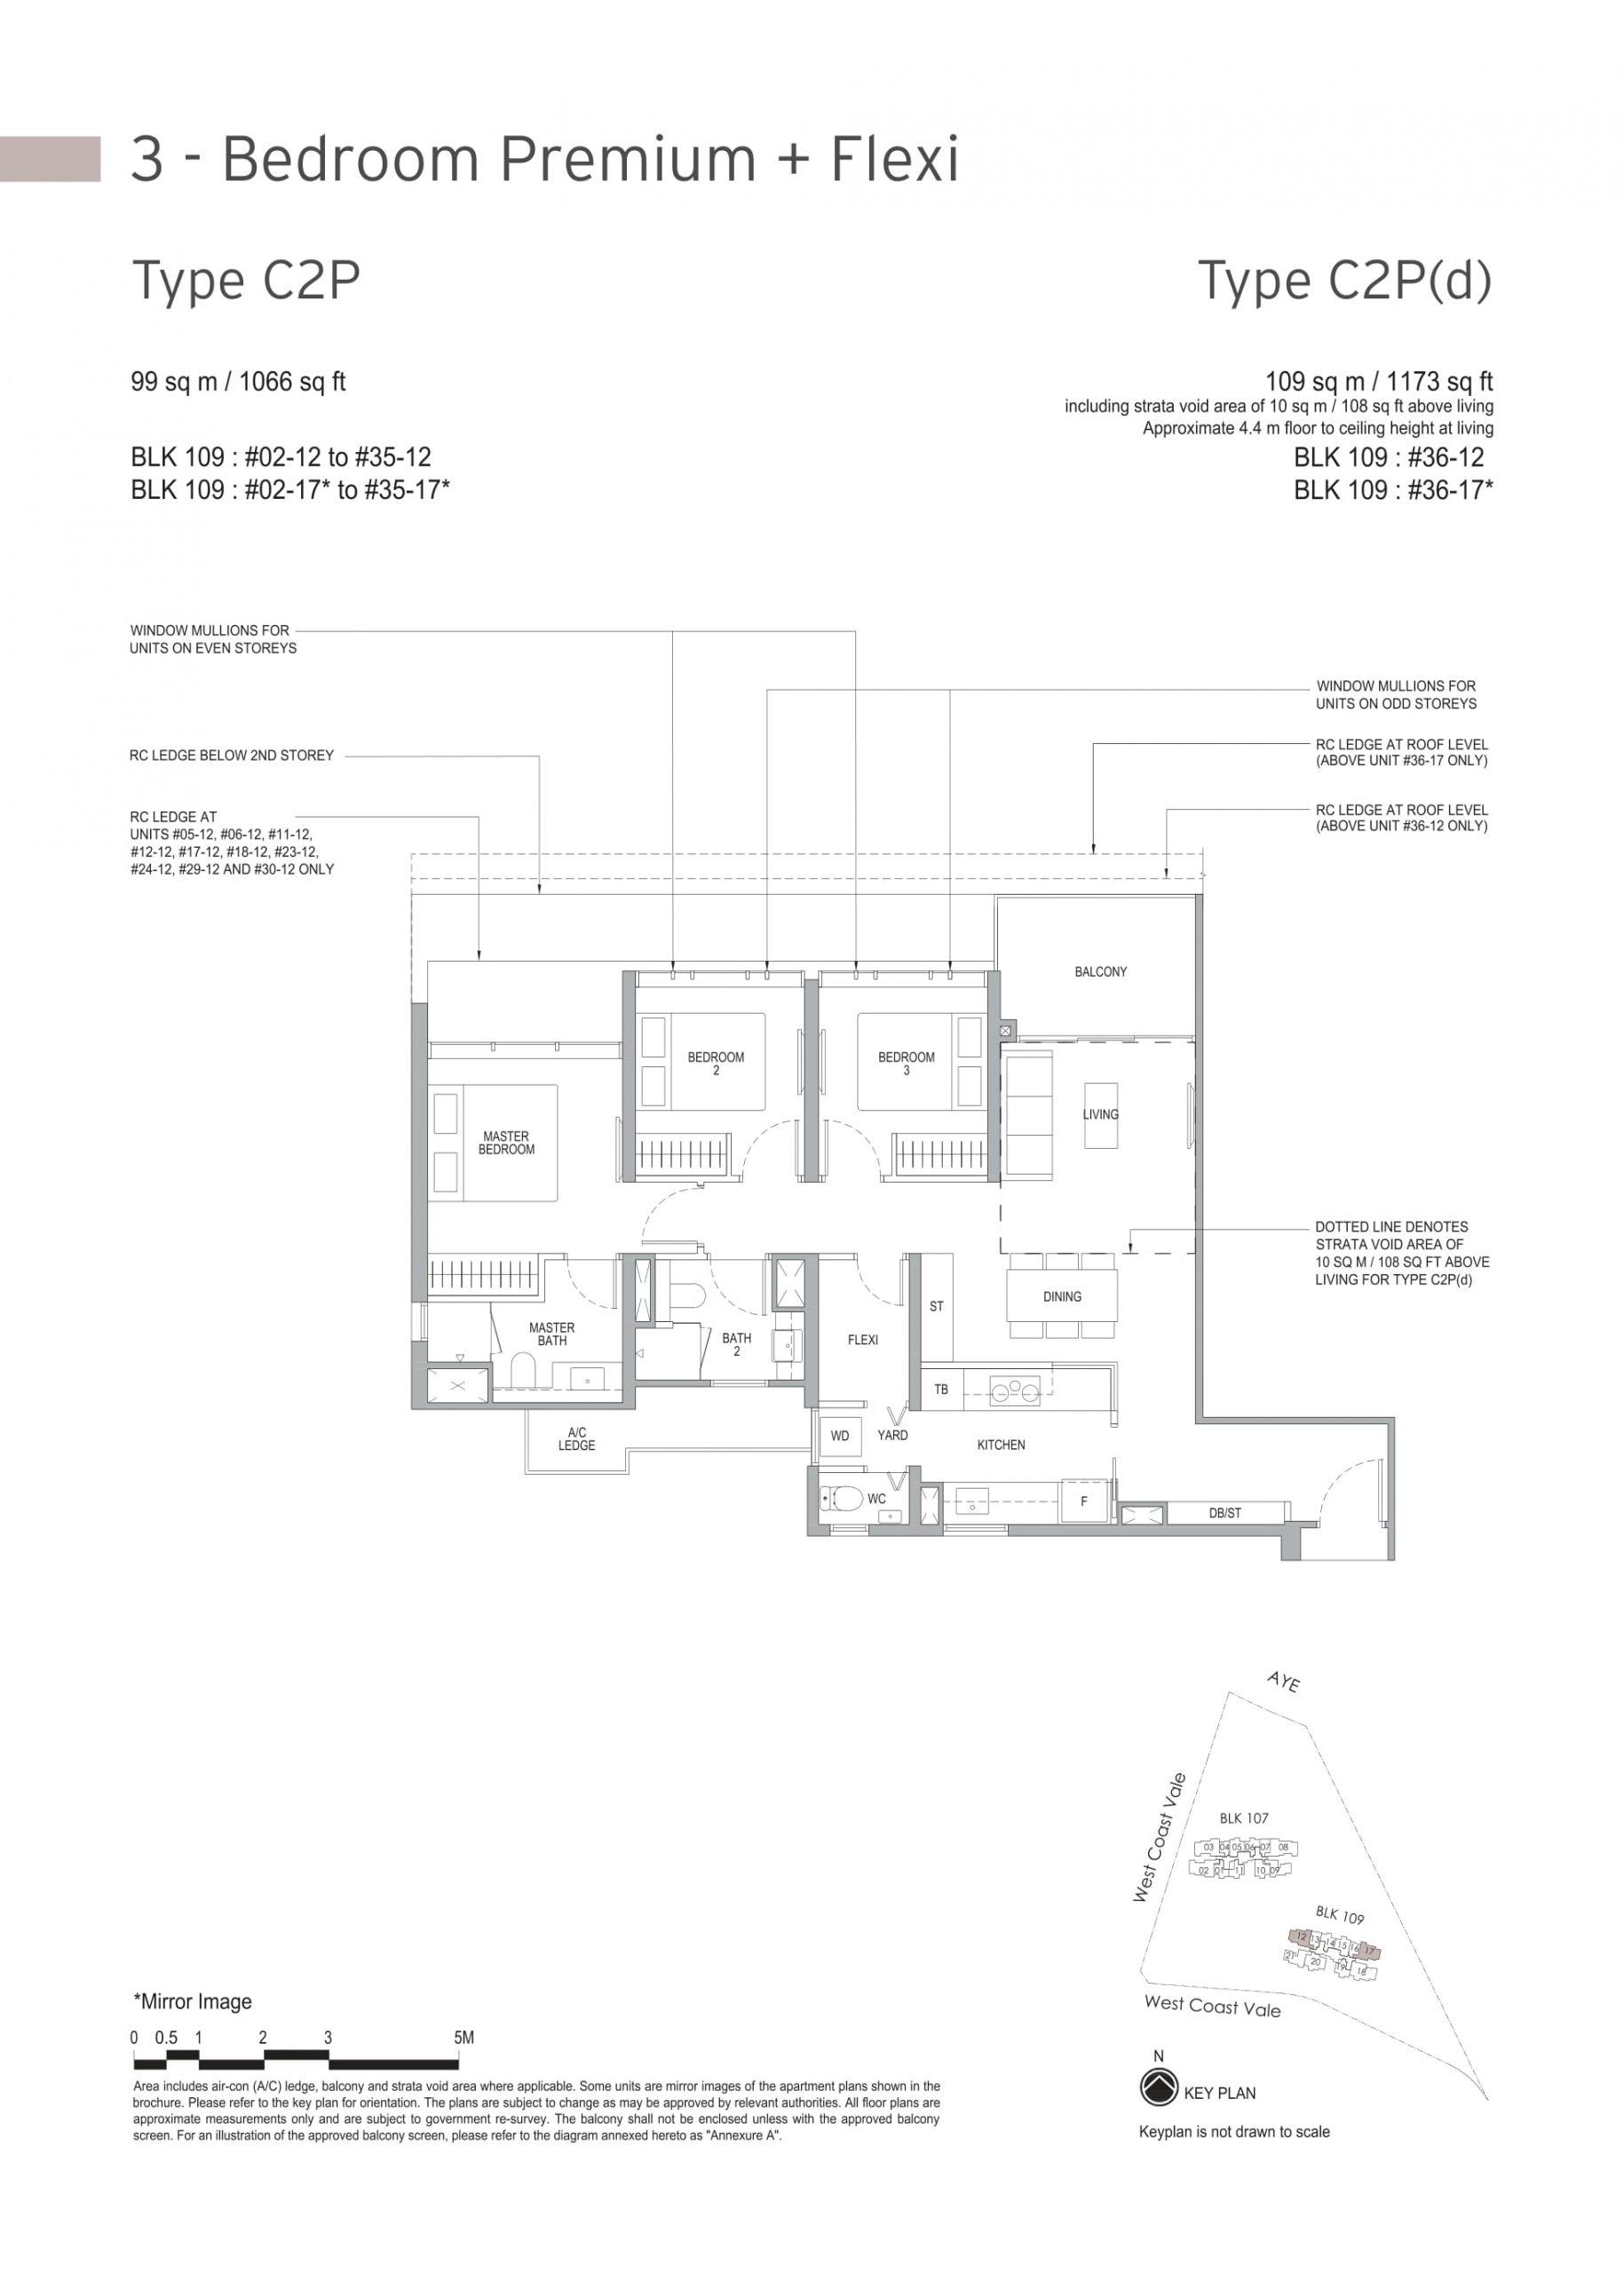 Whistler Grand's three-bedroom & three-bedroom premium + flexi types